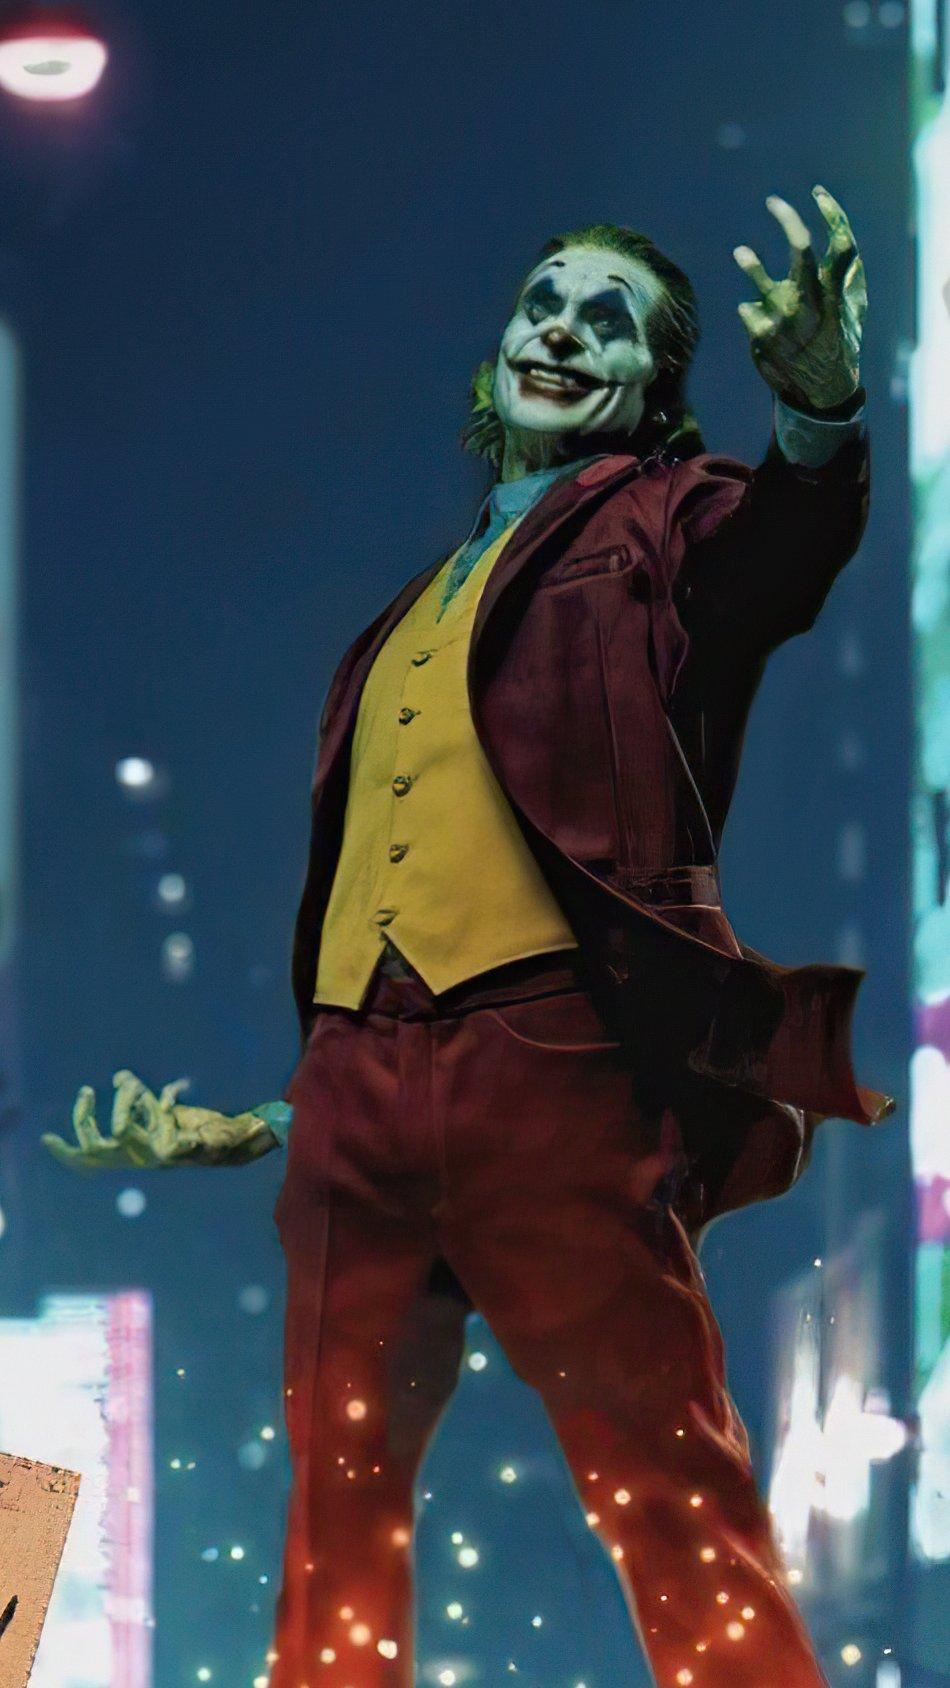 Wallpaper Joker in city Vertical